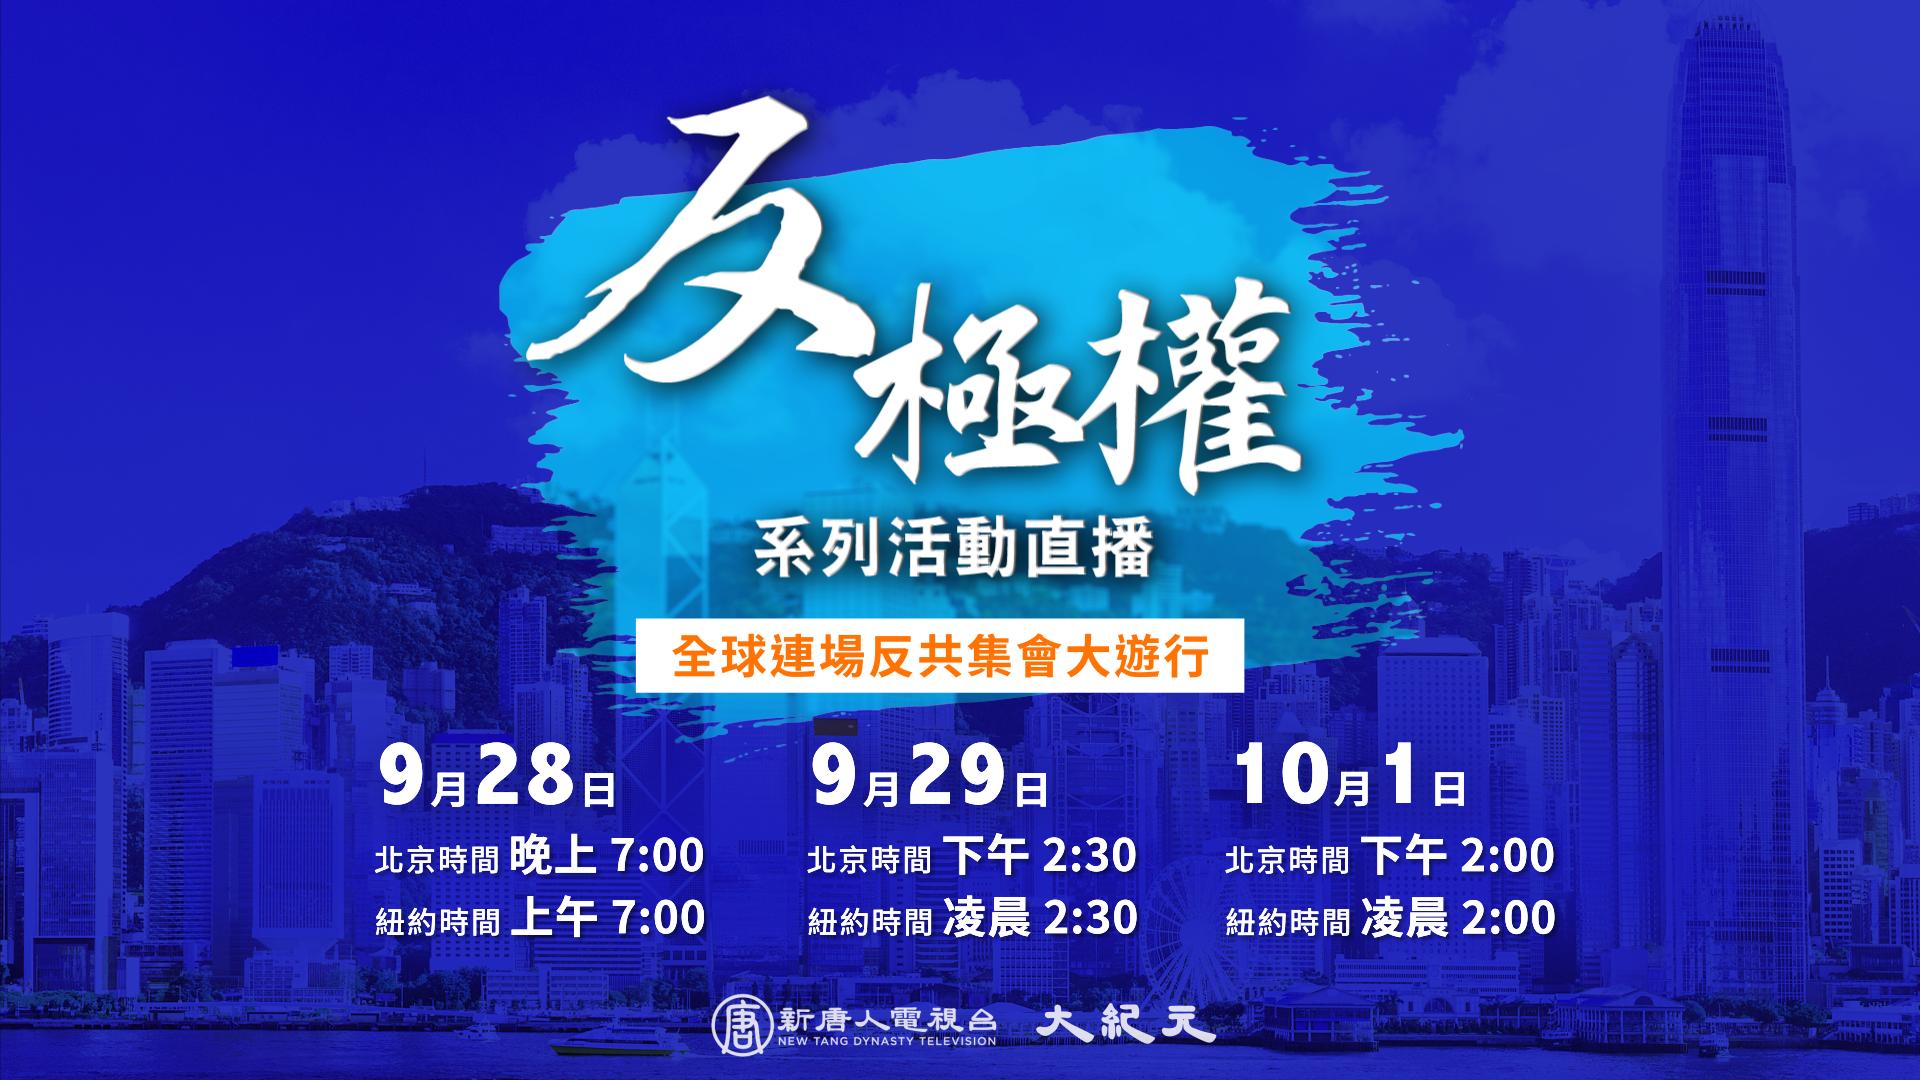 中共建政70周年之際,港人再次發起多項大型集會遊行,表示「沒有國慶 只有國殤」。(大紀元)